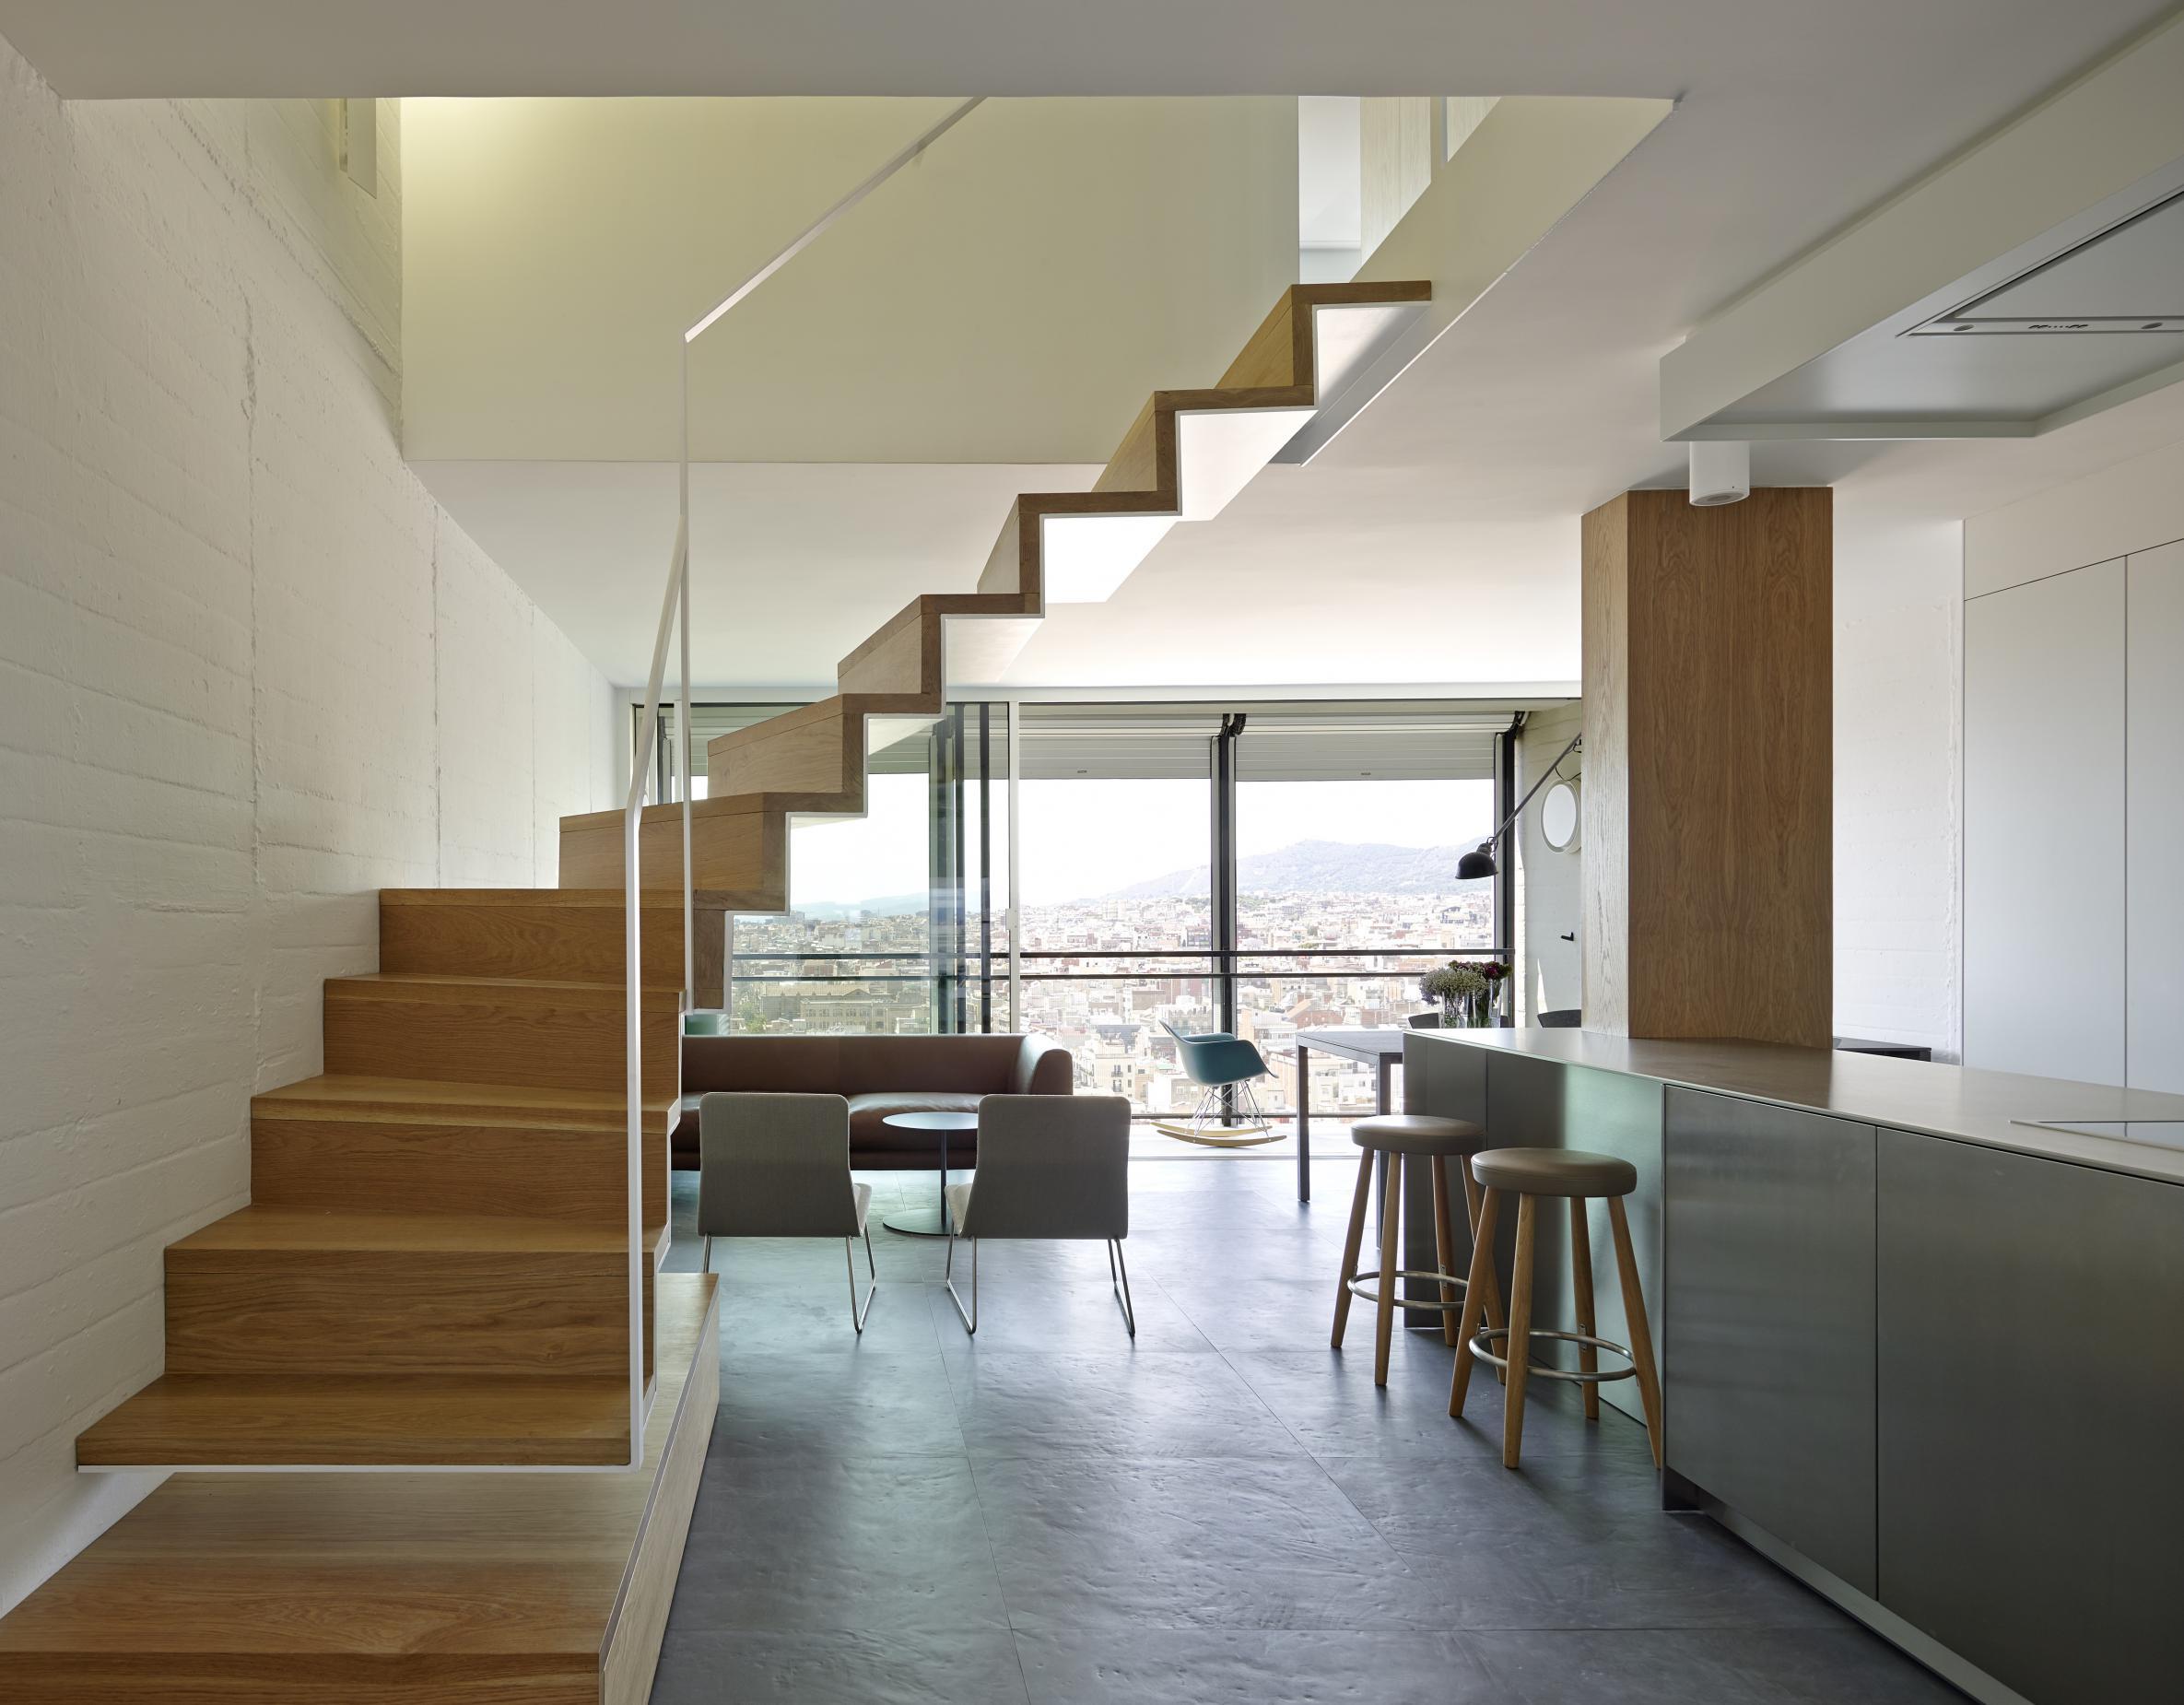 D plex abierto y funcional en gracia vilablanch estudio for Diseno apartamentos duplex pequenos